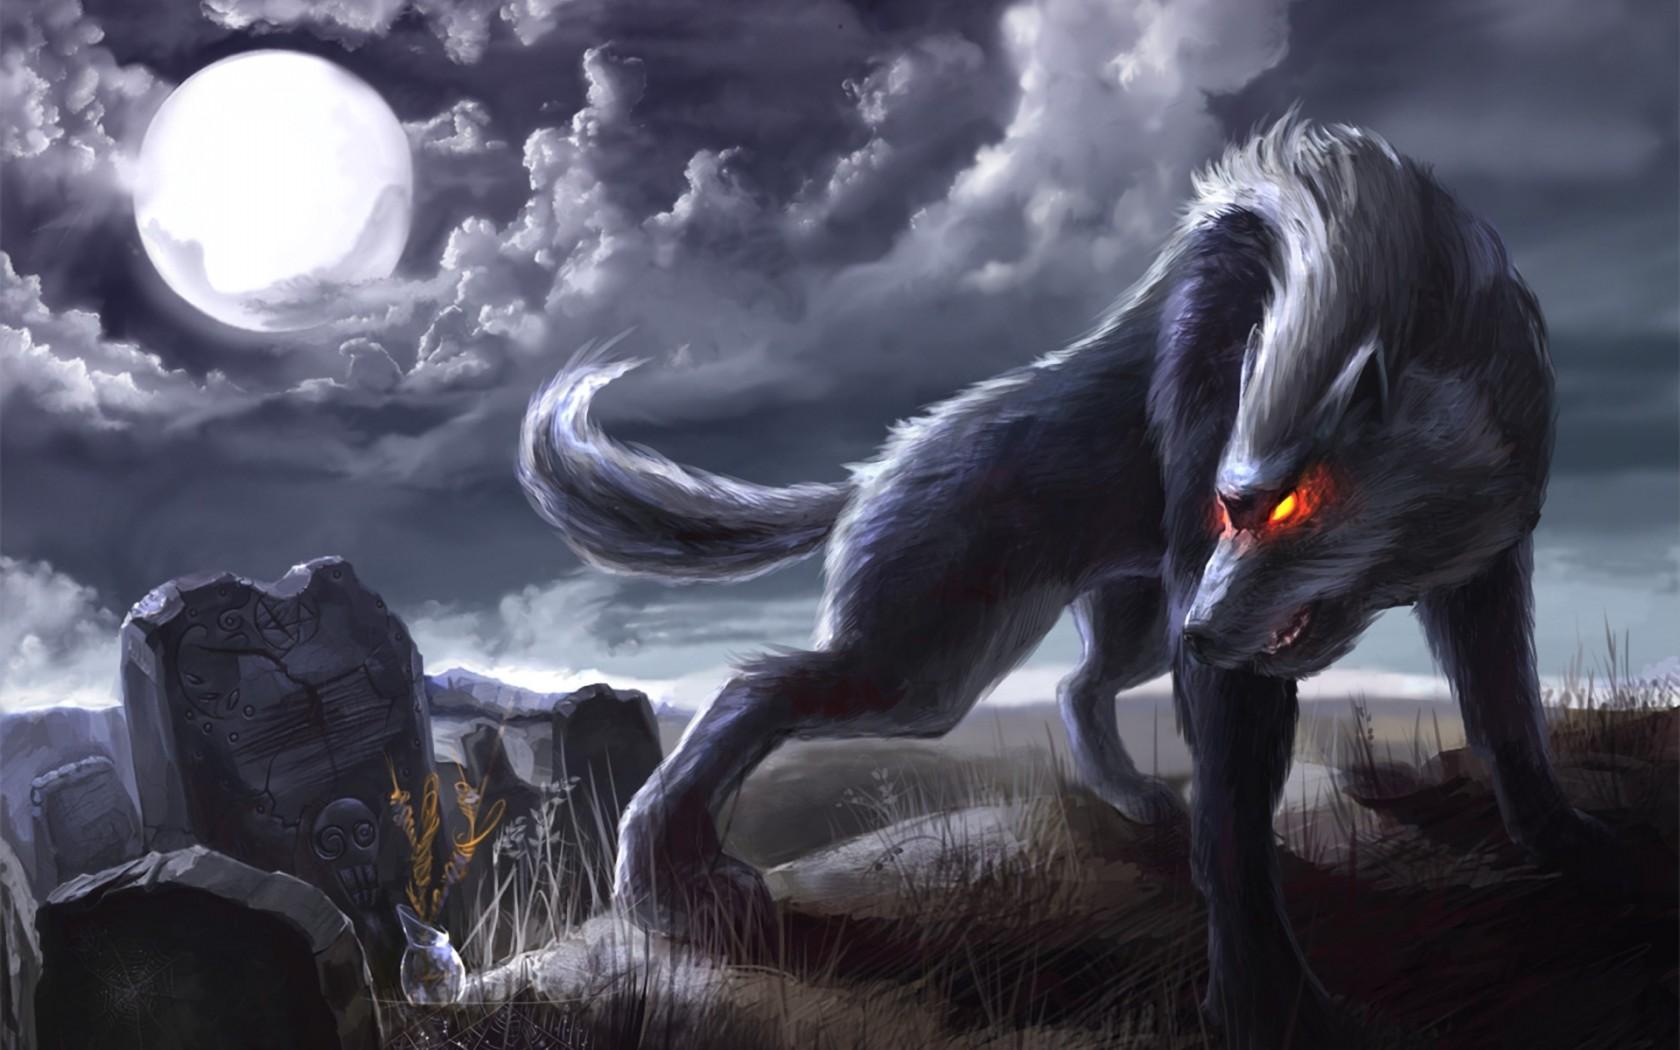 dark Fantasy Art Werewolf Cemetery Greave Tombstone 1680x1050